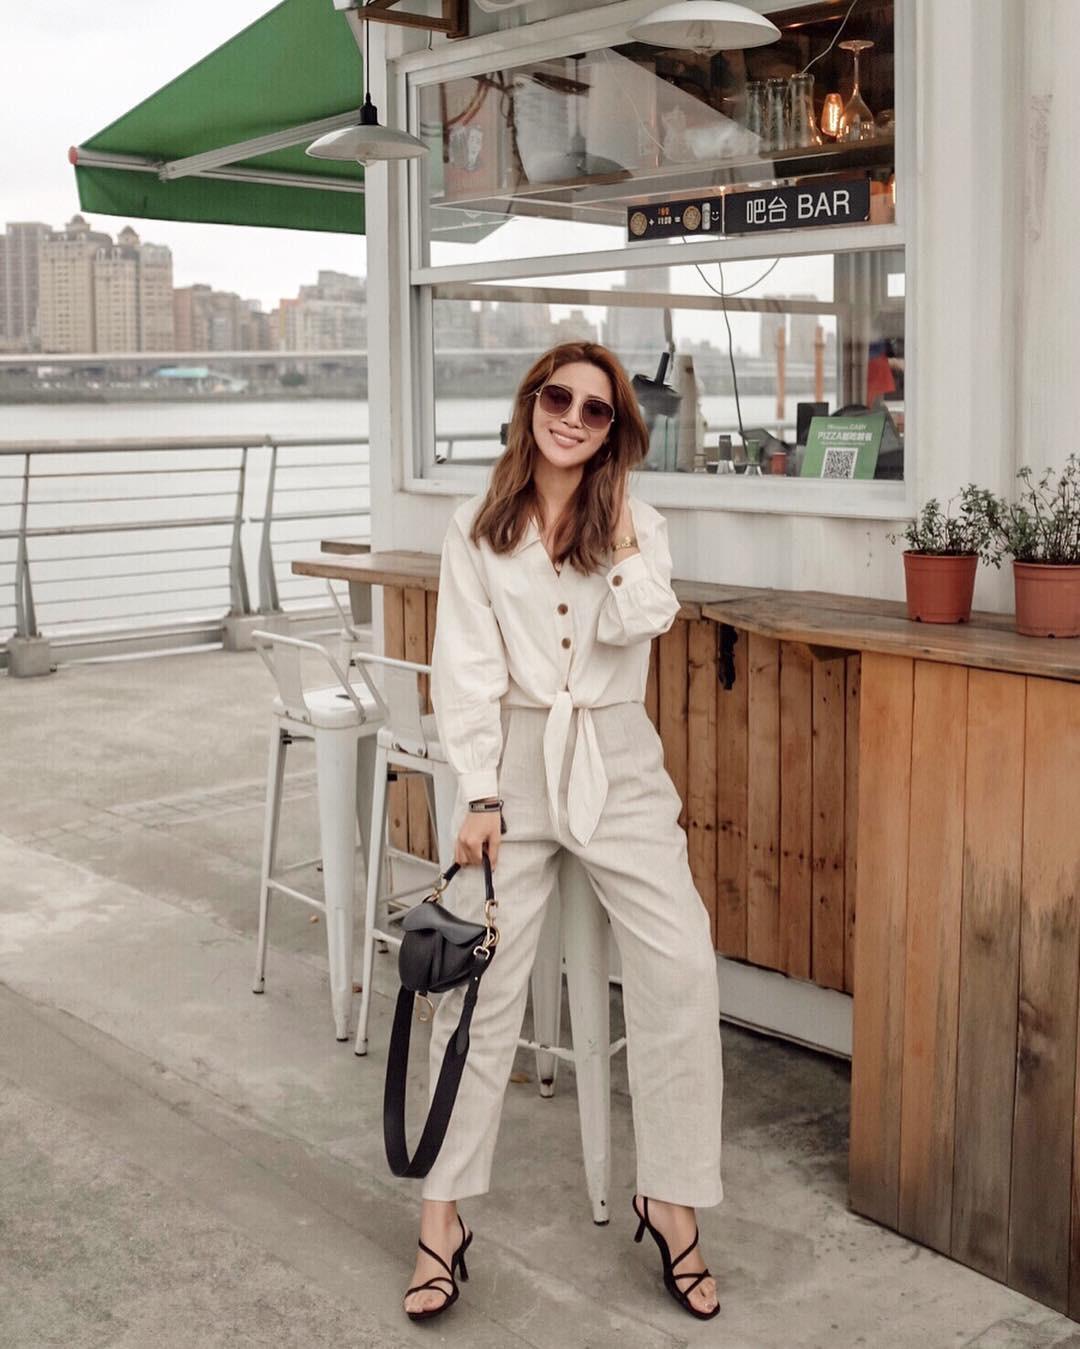 Bạn sẽ hối hận nếu không thử style tối giản, bởi đây là cách nhanh nhất giúp mọi chị em mặc đẹp và sang 365 ngày - Ảnh 1